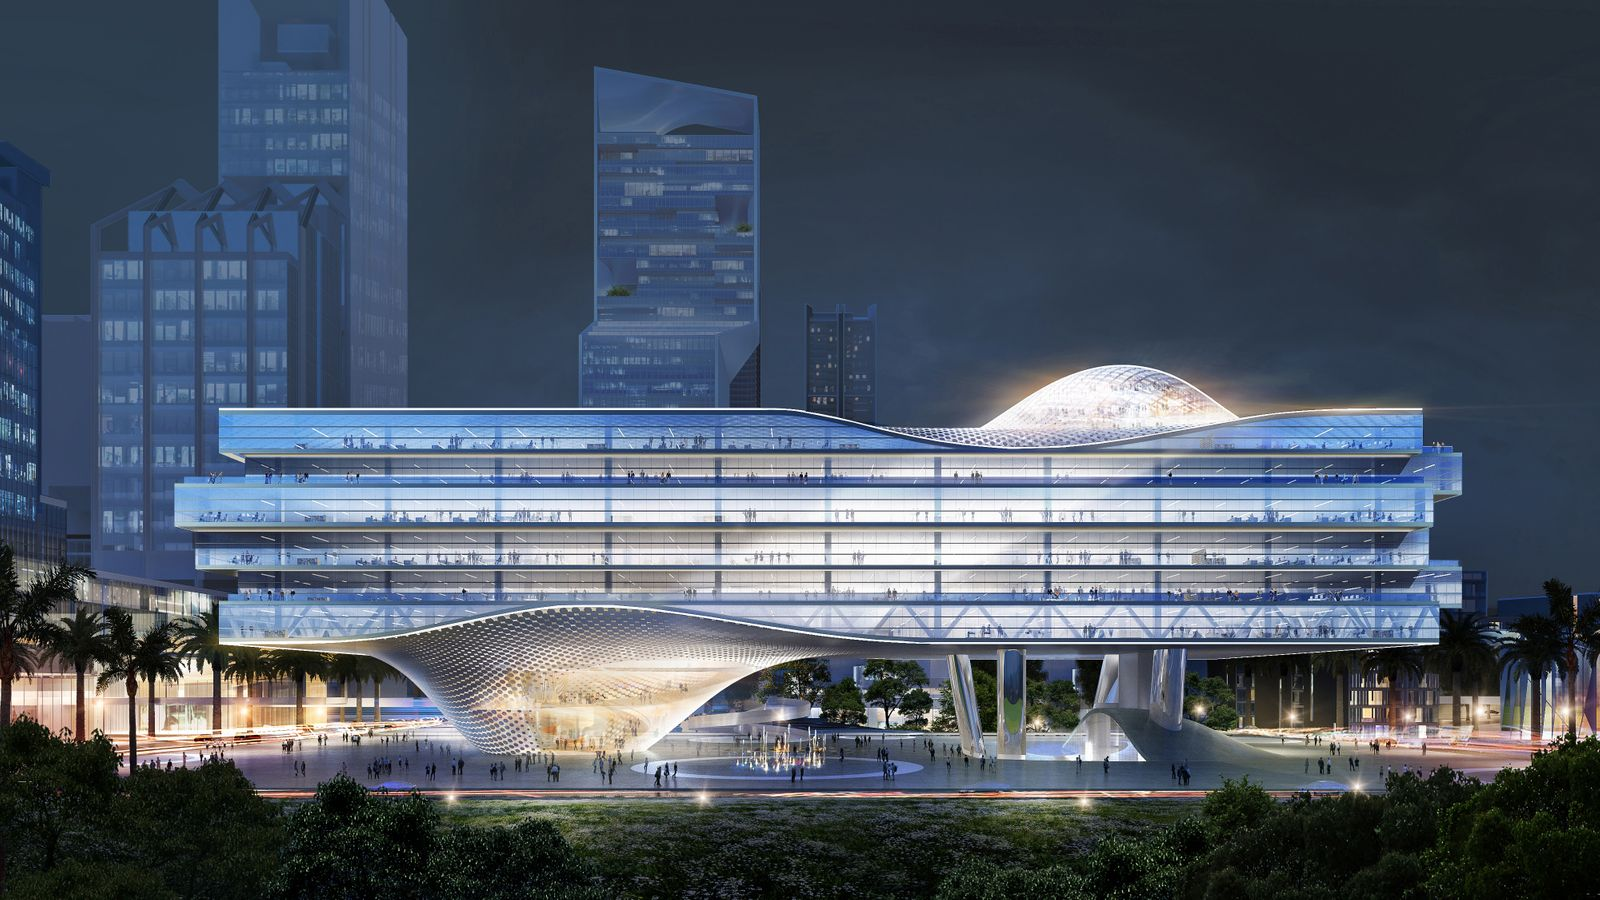 Architektur/ Shenzhen Wave/ Ole Scheeren SPERRFRIST 02.09.20 13:00 UHR!